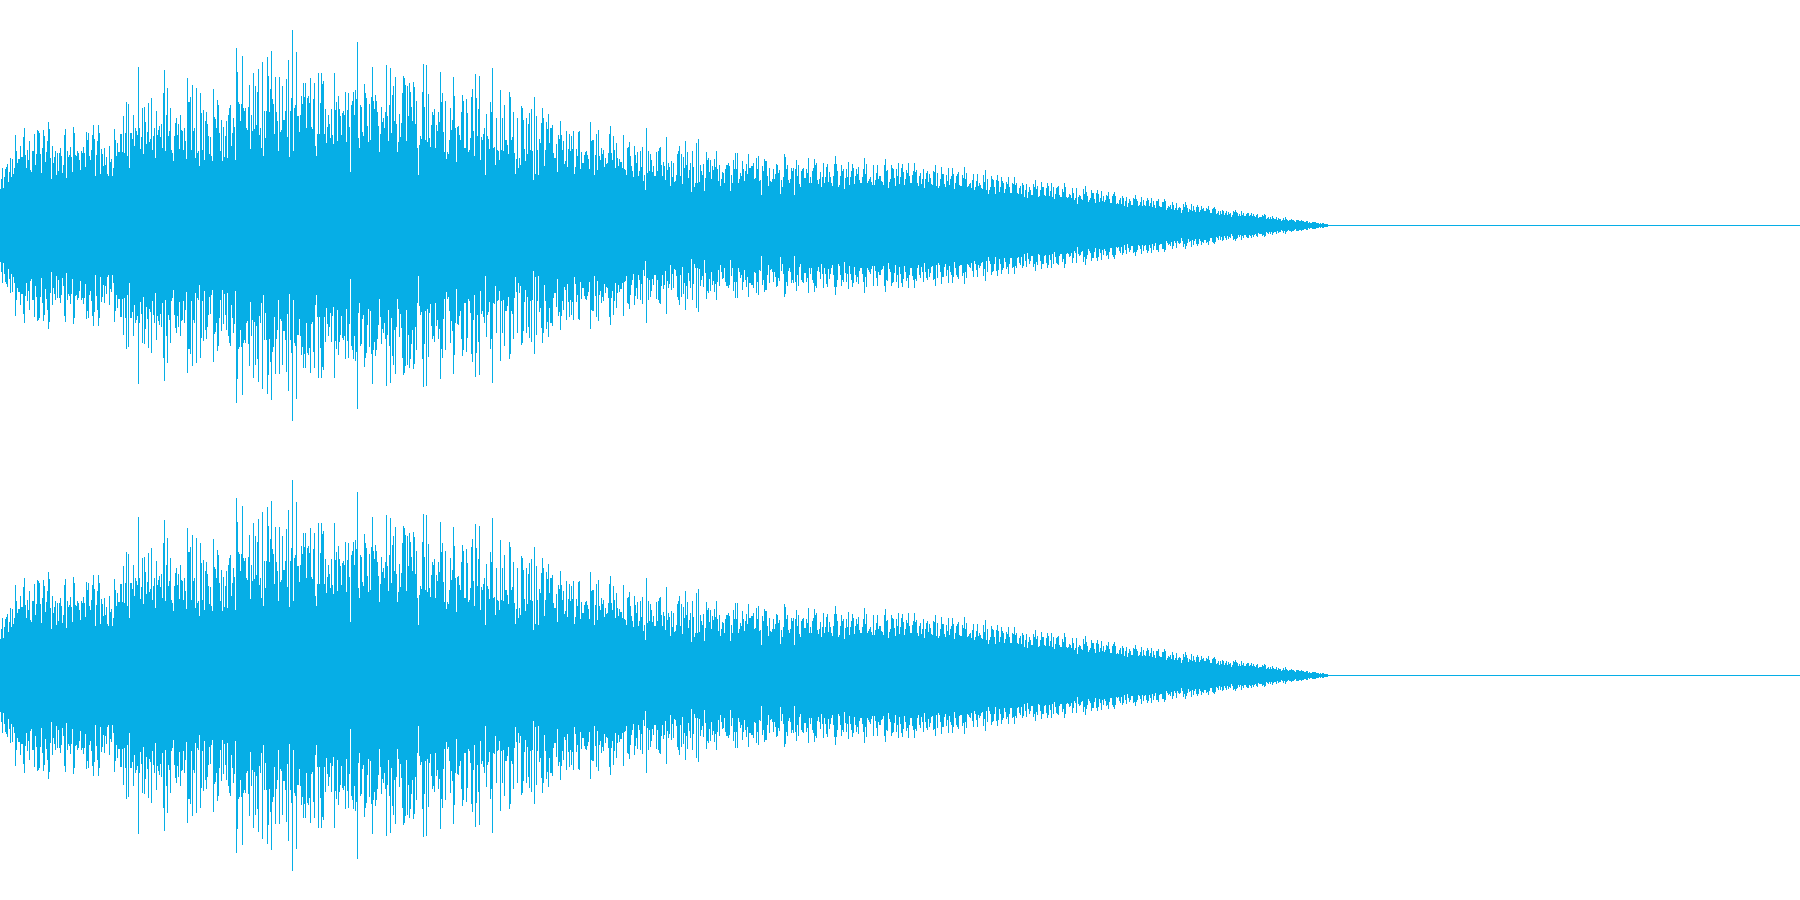 「ピロピロ♪」レトロゲーム風の回復魔法の再生済みの波形